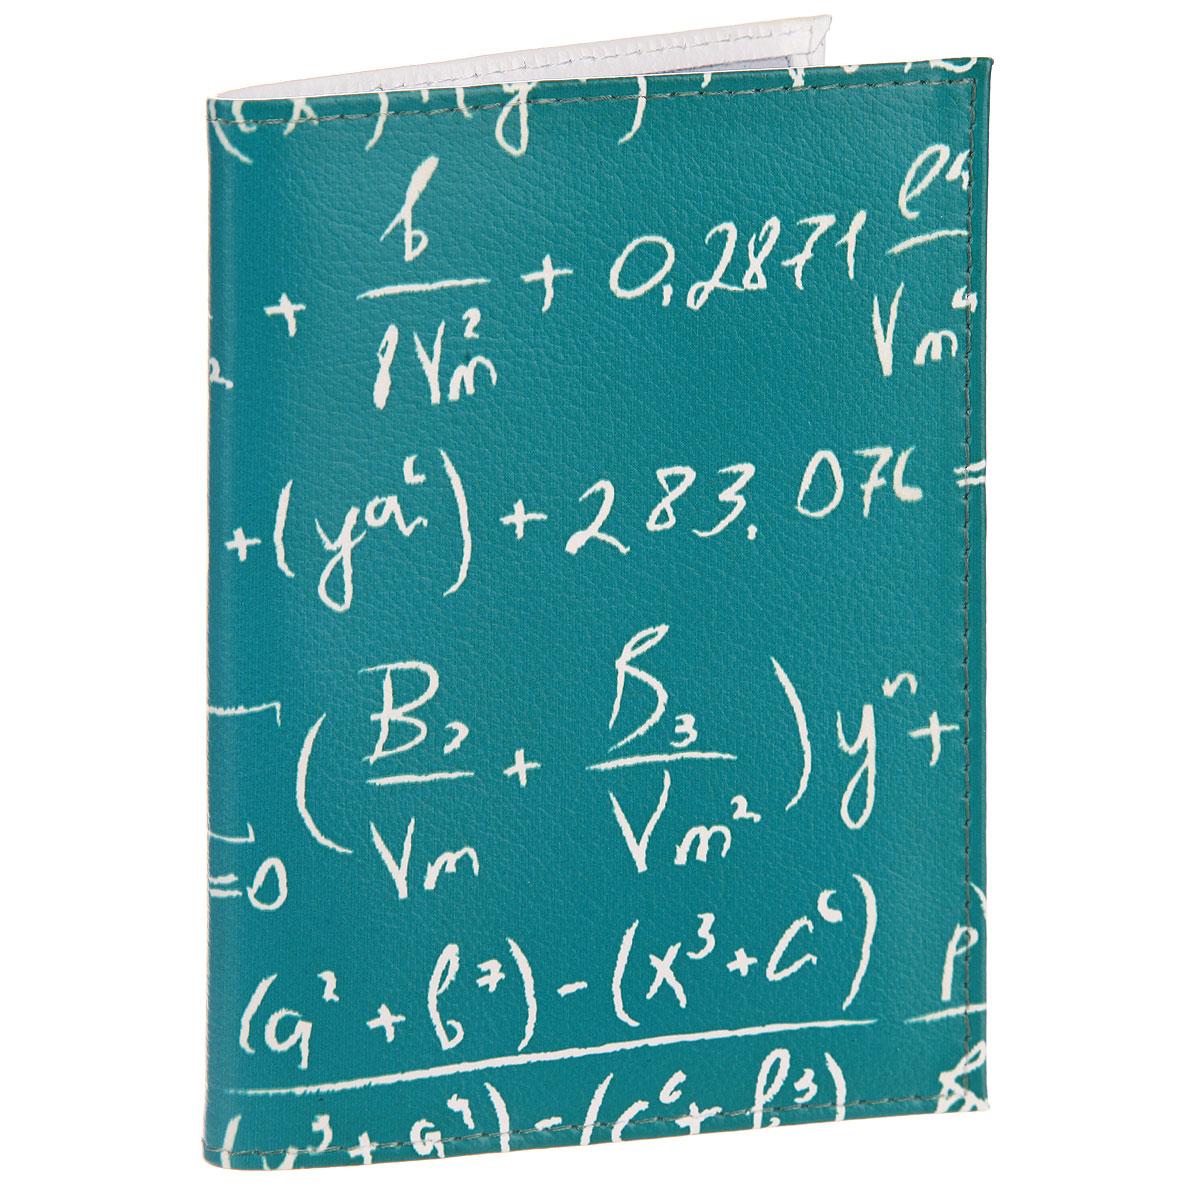 Обложка для автодокументов Школьная доска. AUTO368AUTO368Стильная обложка для автодокументов Mitya Veselkov Школьная доска выполнена из натуральной кожи с зернистой текстурой. Обложка оформлена художественной печатью с изображением математических формул. Внутри размещен пластиковый вкладыш с шестью карманами для документов, среди которых карман формата А5. Стильная обложка для автодокументов Mitya Veselkov Мальчик, Луна и Грузовик не только поможет сохранить внешний вид ваших документов и защитит их от повреждений, но и станет стильным аксессуаром, идеально подходящим к вашему образу.